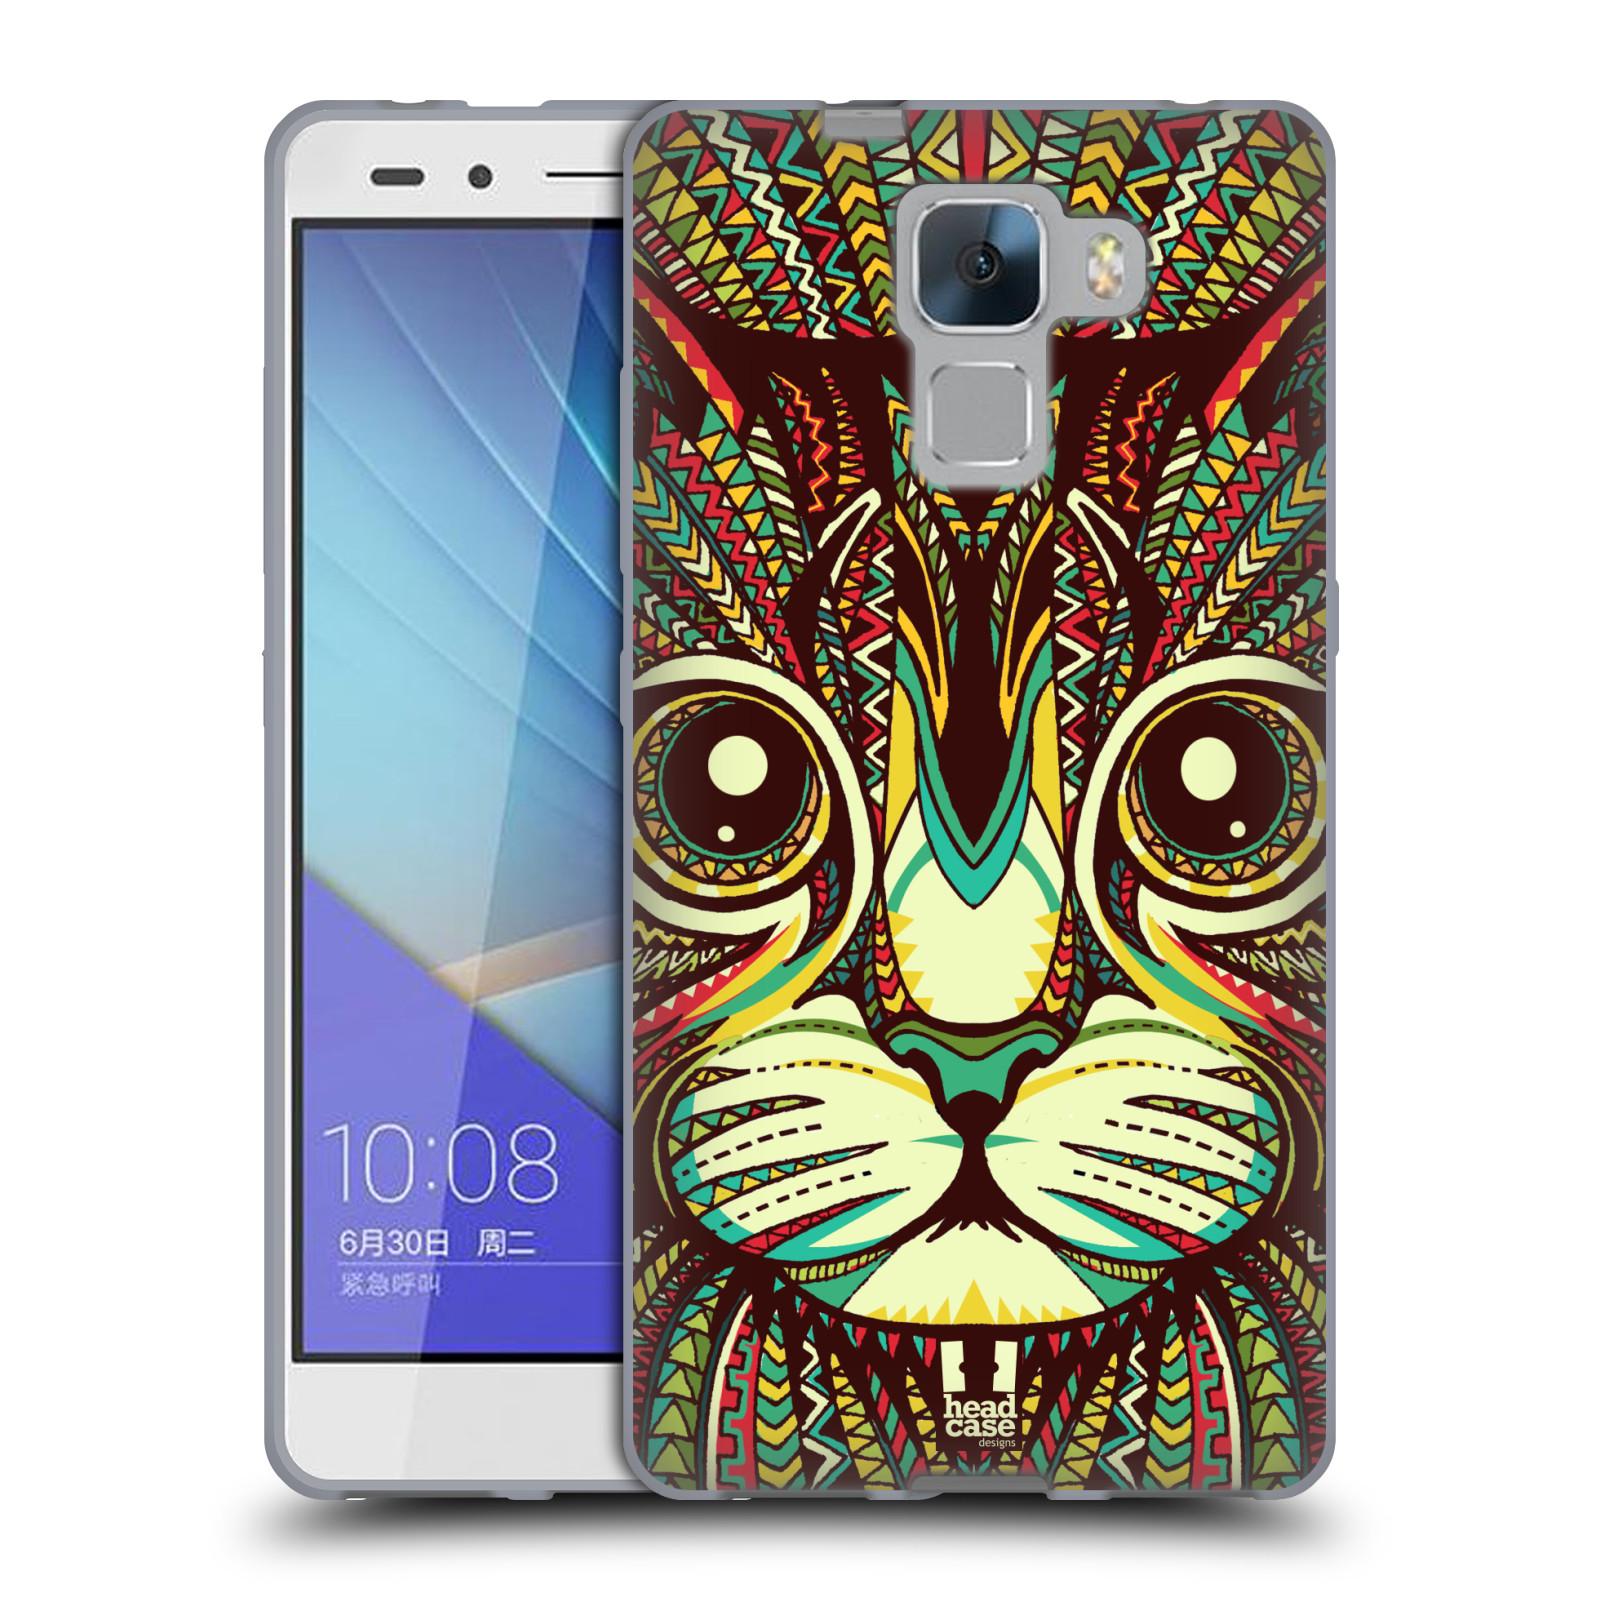 Silikonové pouzdro na mobil Honor 7 HEAD CASE AZTEC KOČKA